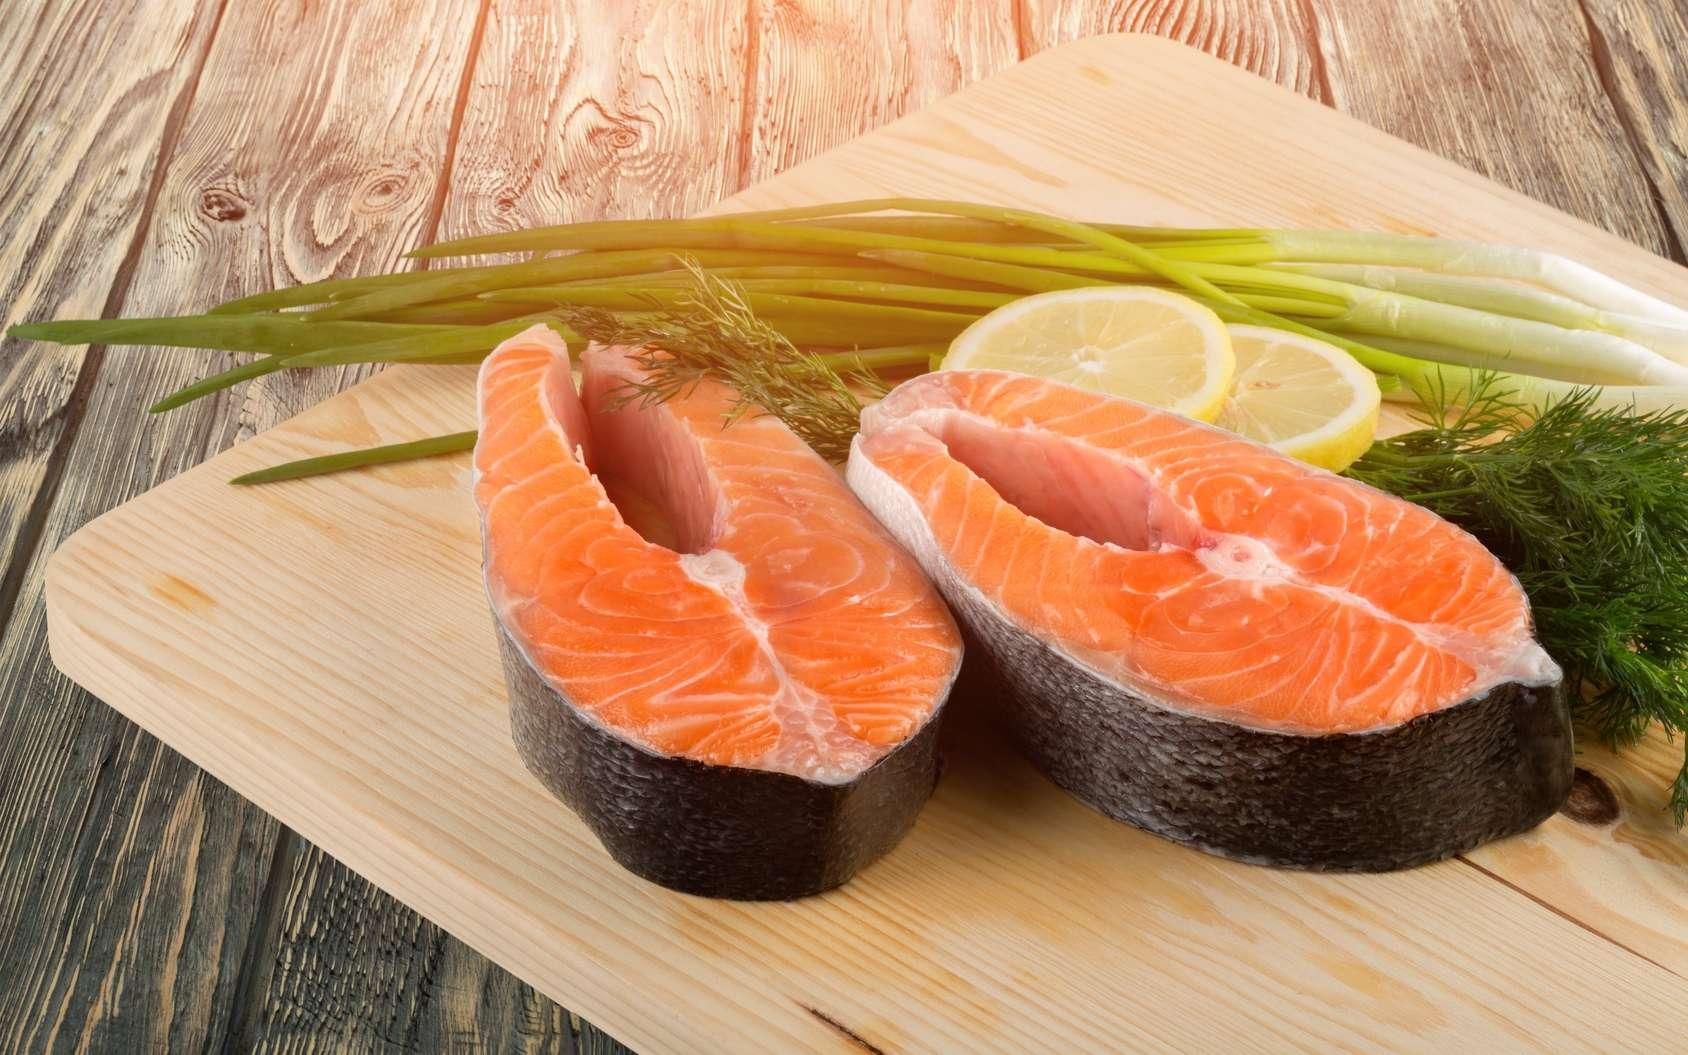 Le maquereau, la sardine, le saumon sont des poissons gras. Le merlan, la sole et le cabillaud sont des poissons maigres. © BillionPhotos.com, Fotolia